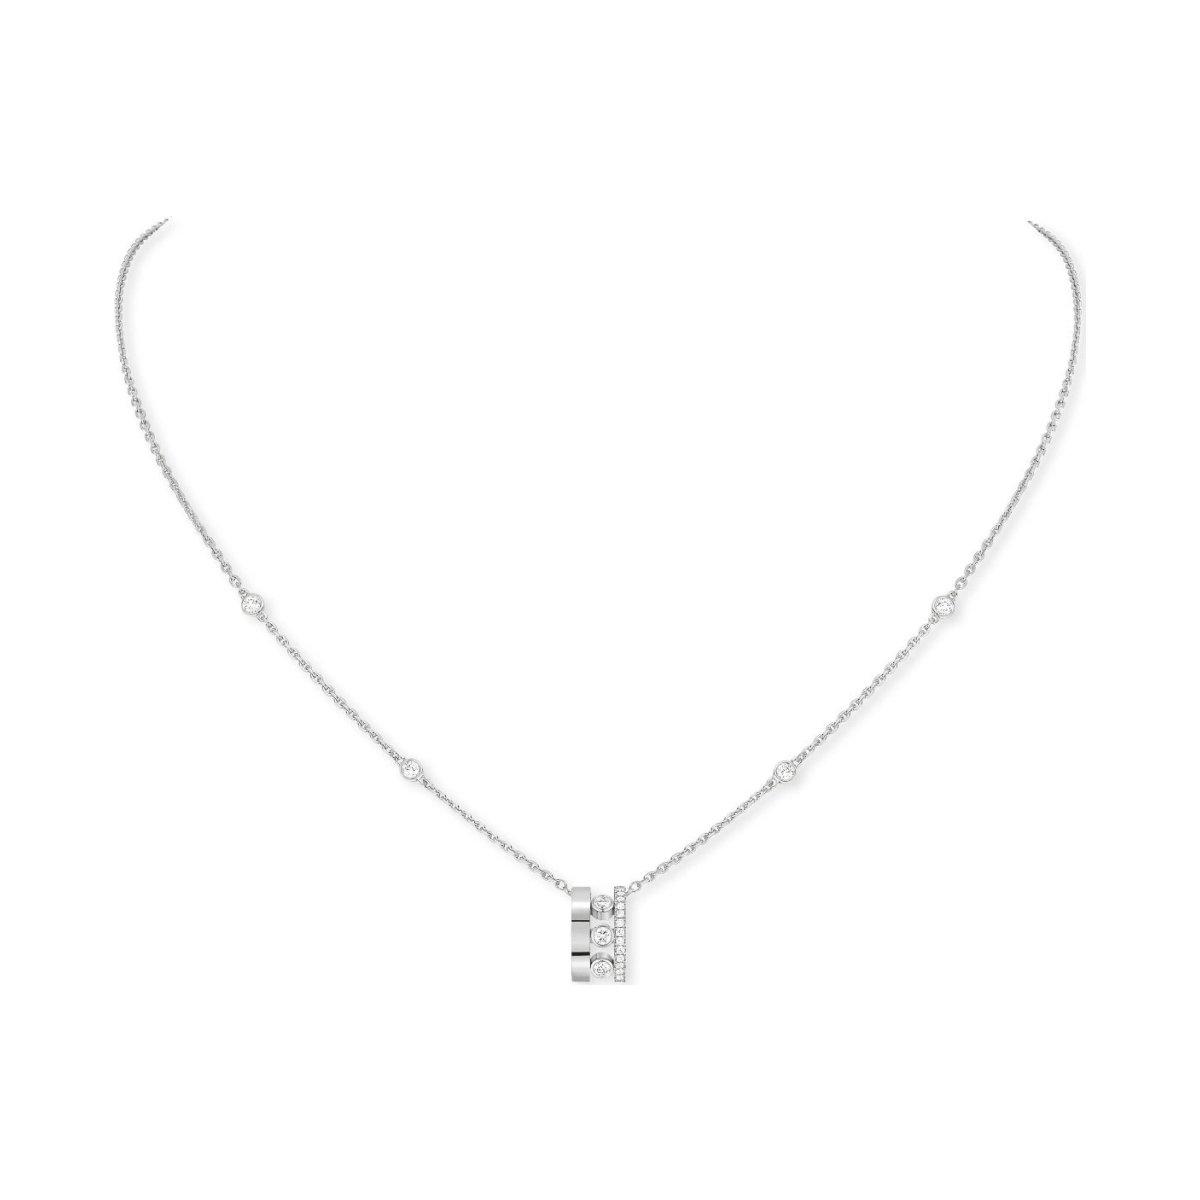 Pendentif sur Chaîne Messika Move Romane en or blanc et diamants vue 1